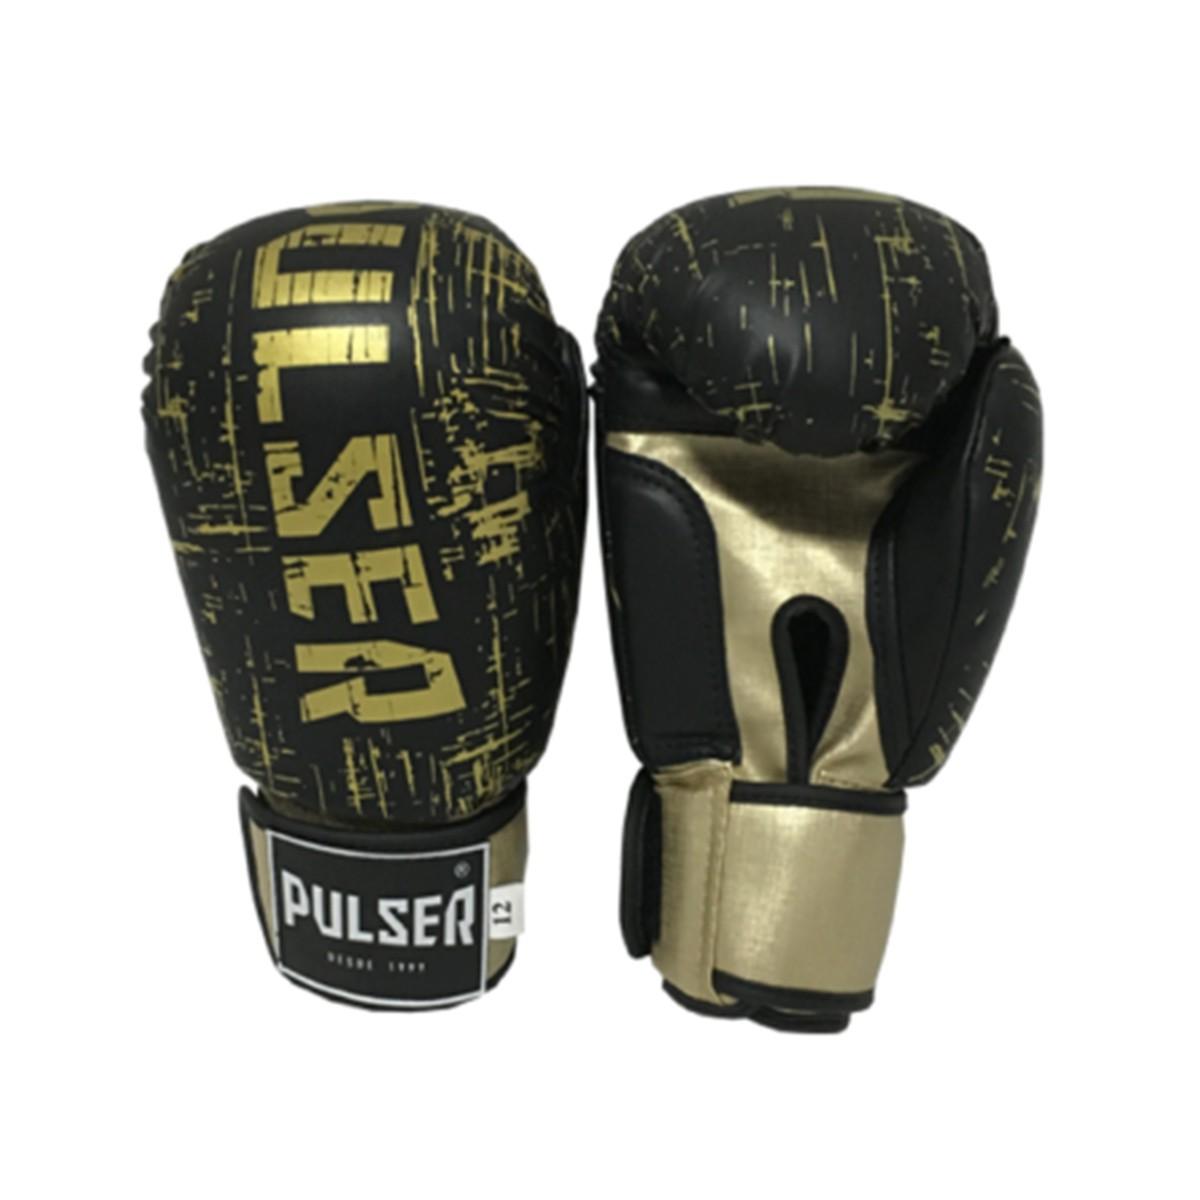 Luva de Boxe / Muay Thai 10oz - Preto com Dourado Logo - Pulser  - PRALUTA SHOP